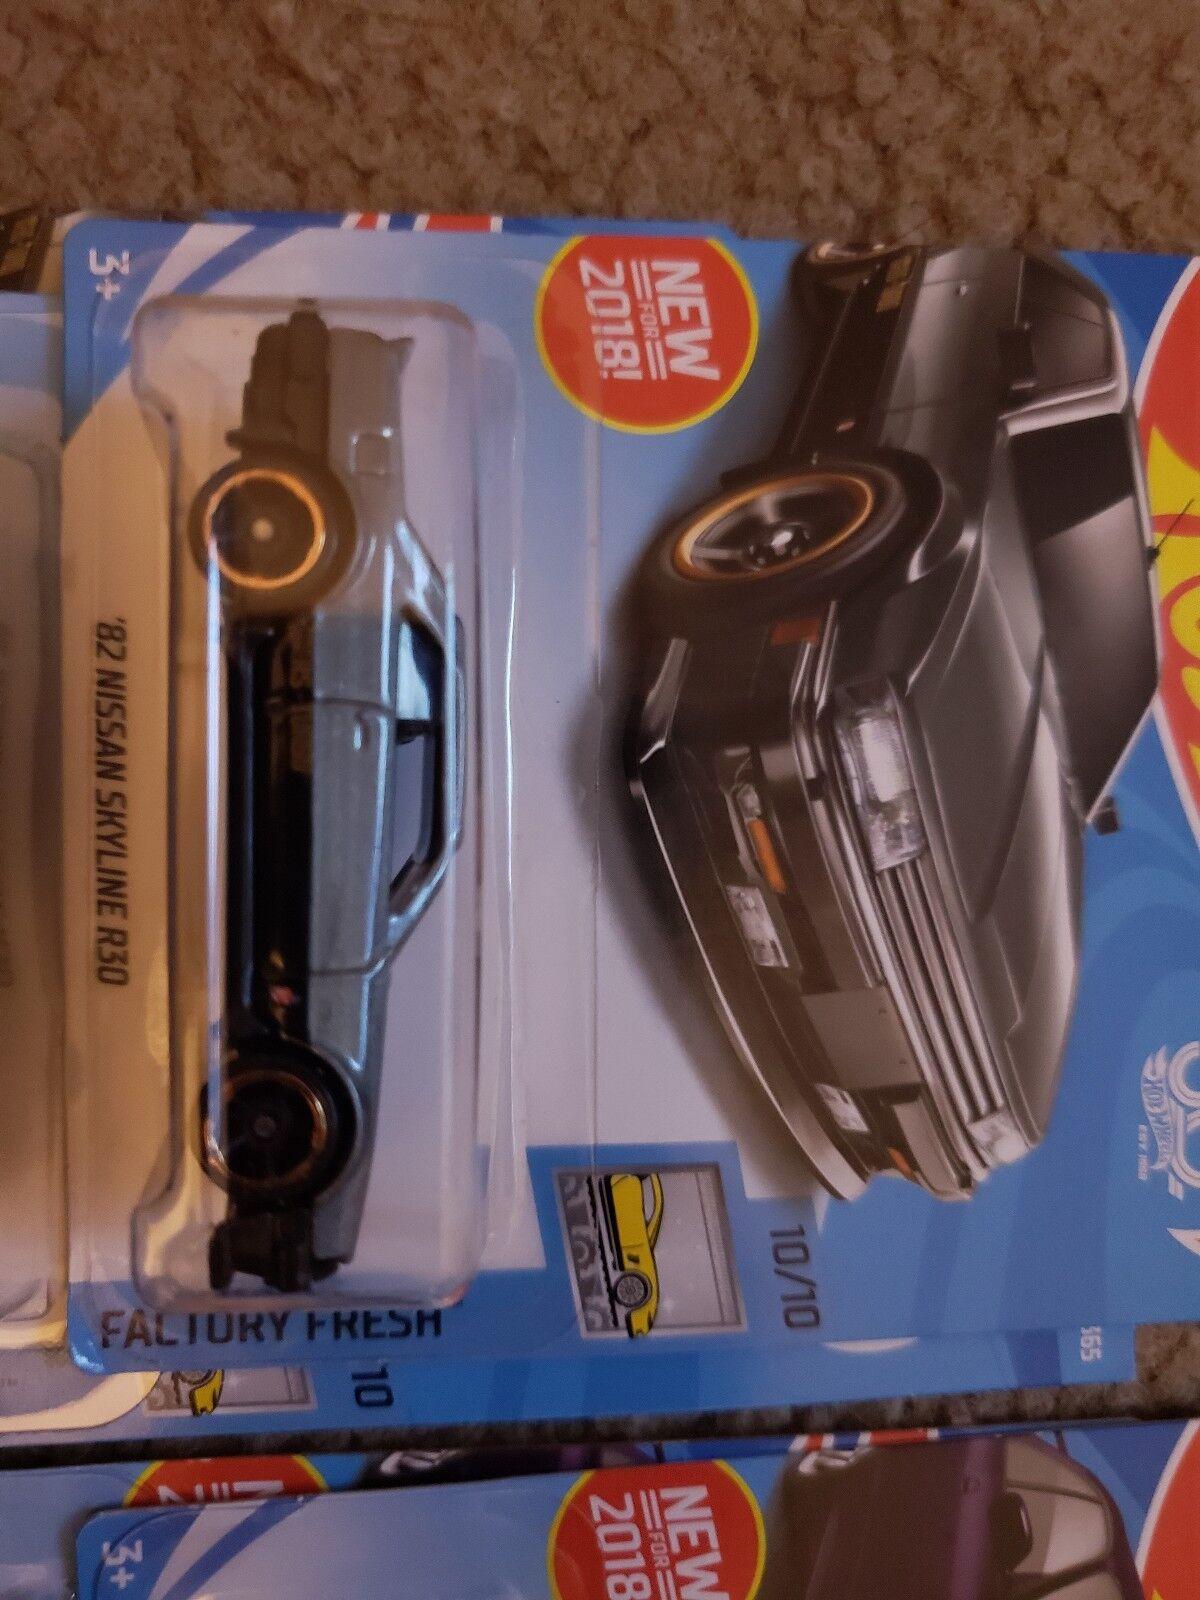 Hot Wheels Nissan Skyline R33 R33 R33 R30 lot of 12 b55a13